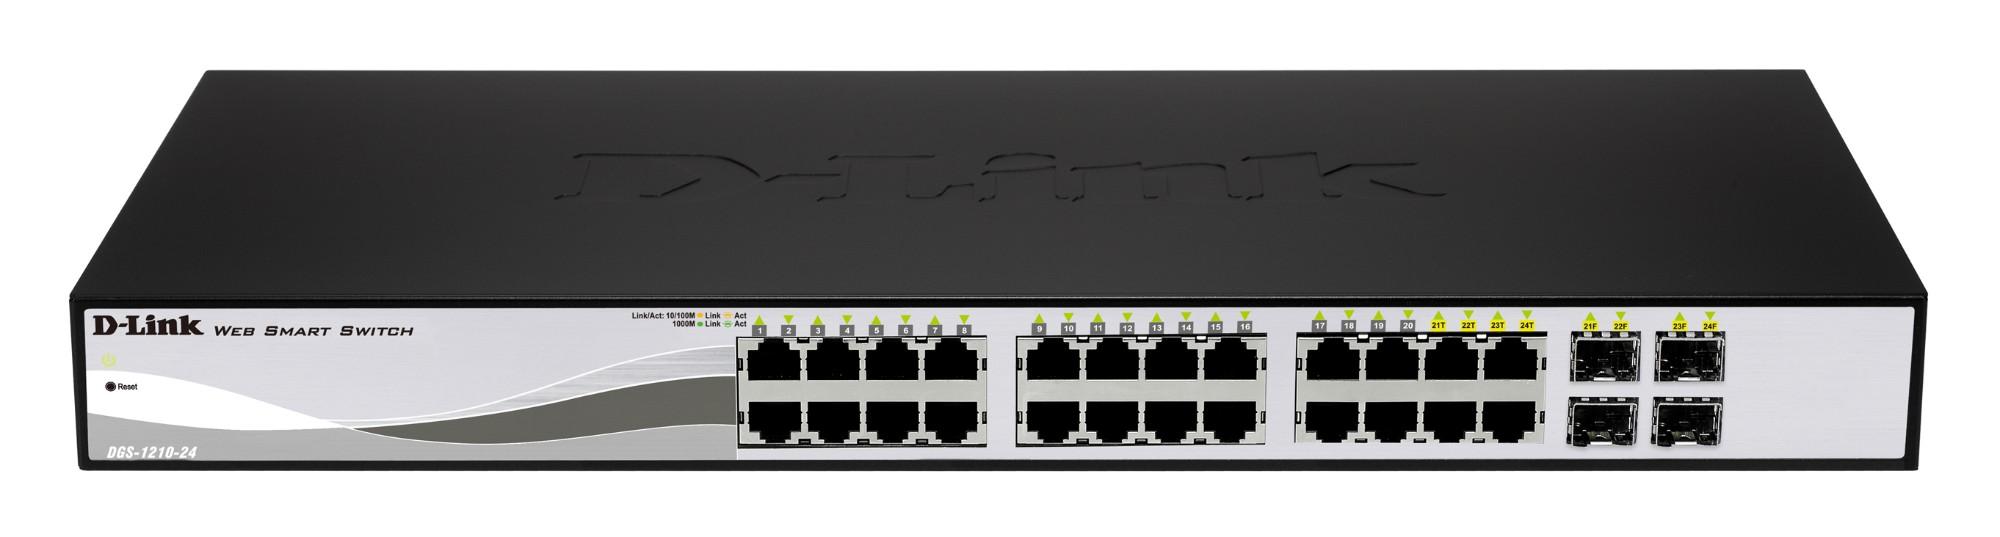 D-Link DGS-1210-24P network switch L2 Gigabit Ethernet (10/100/1000) Black